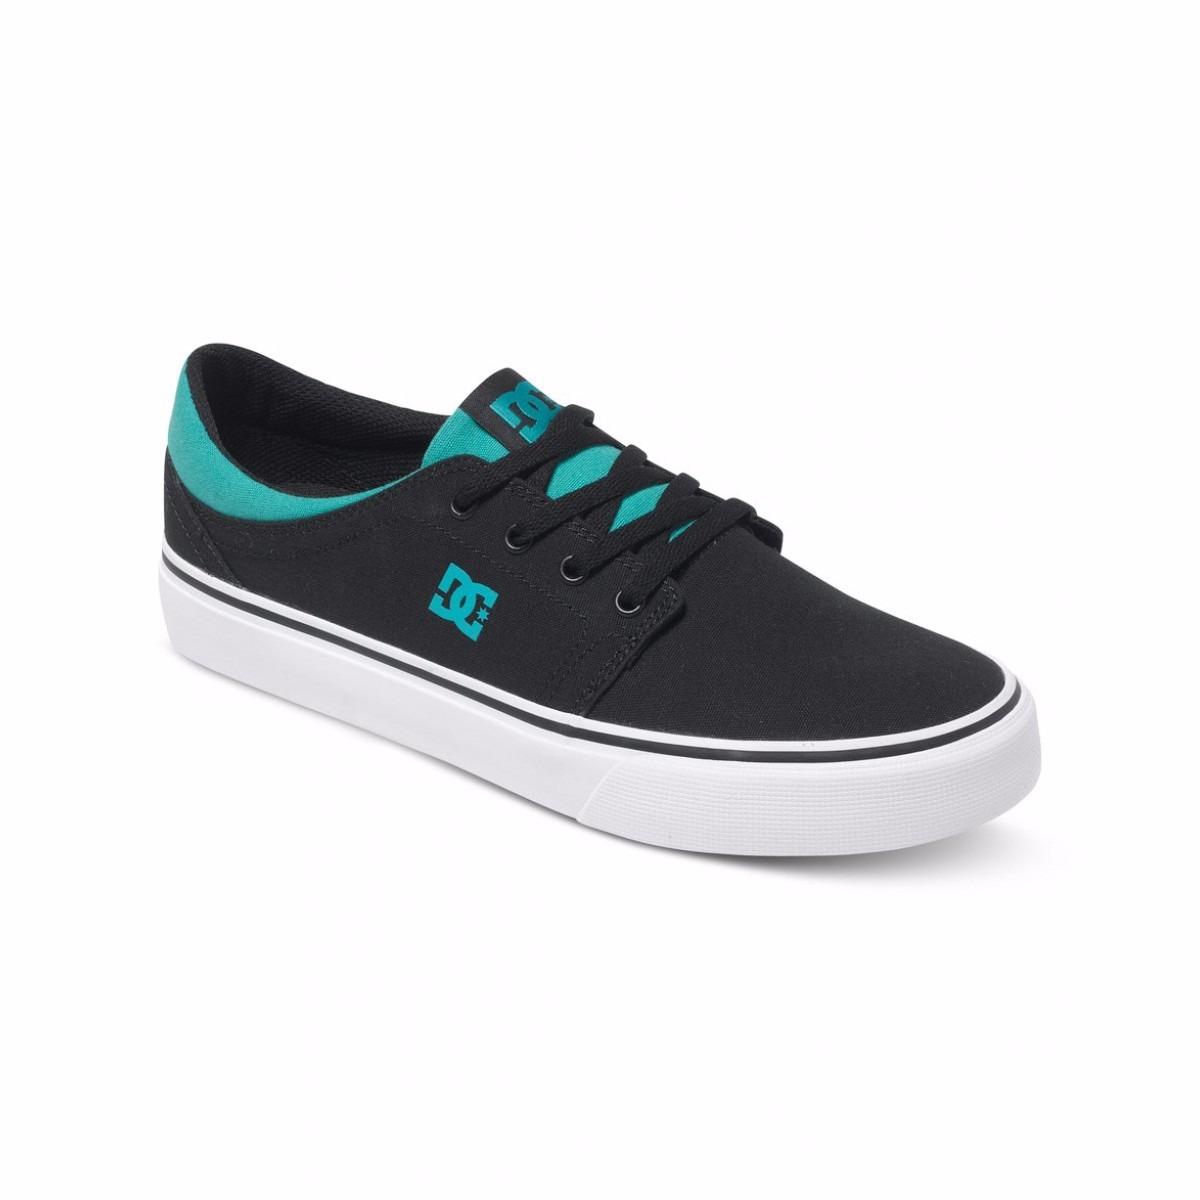 Lico Hawaii 540146 - Zapatillas de cuero, color azul, talla 32